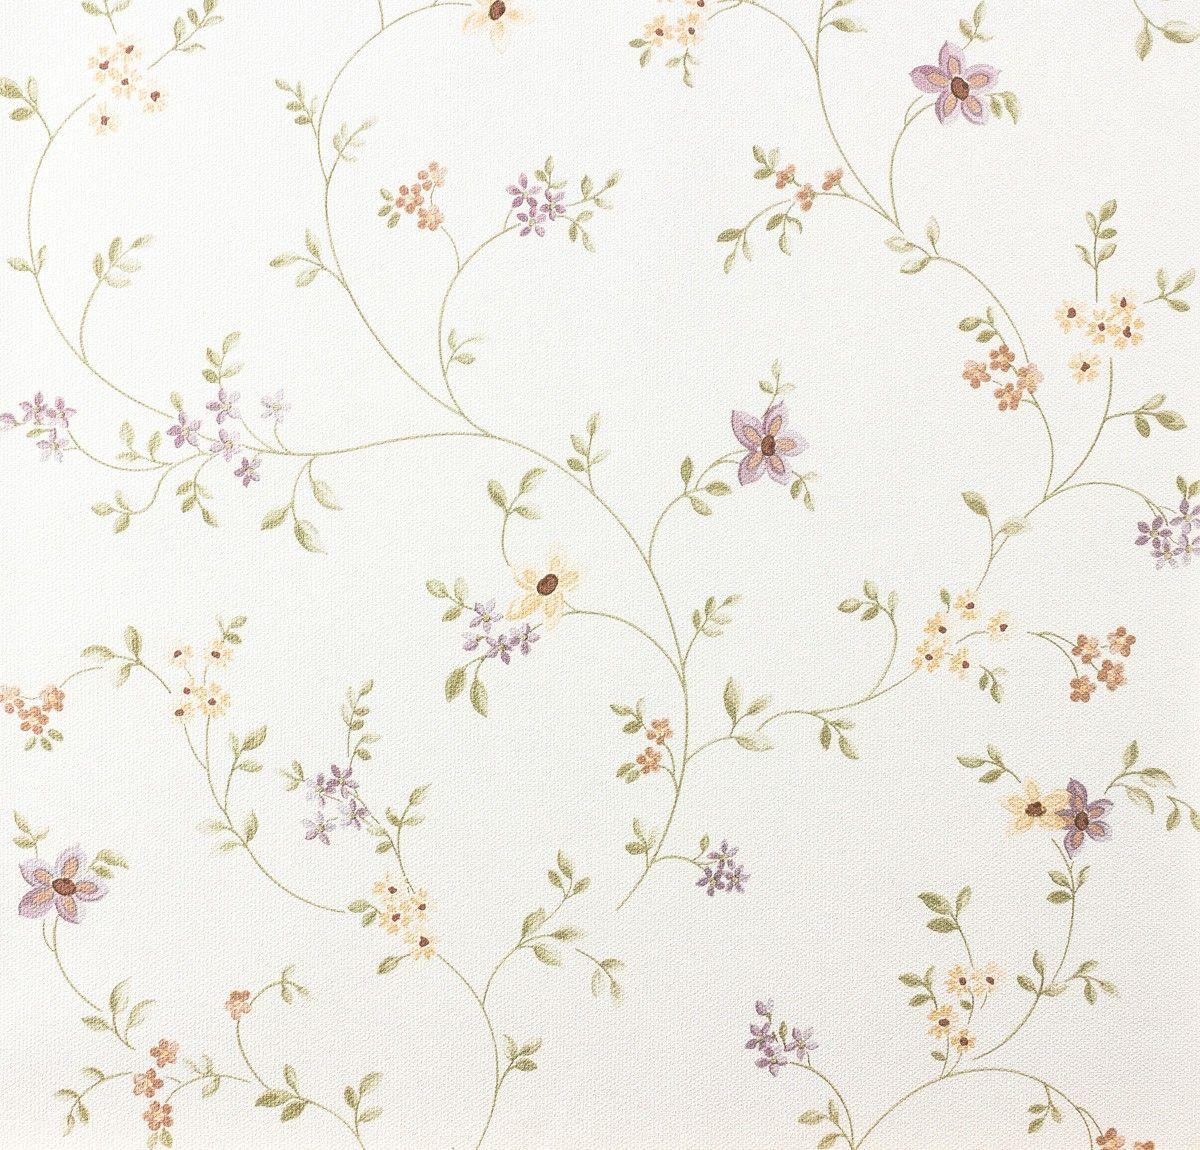 Landhaus Tapete Fleuri Pastel A.S. 93770 1 937701 Blumenranke Violett Grün  Weiß